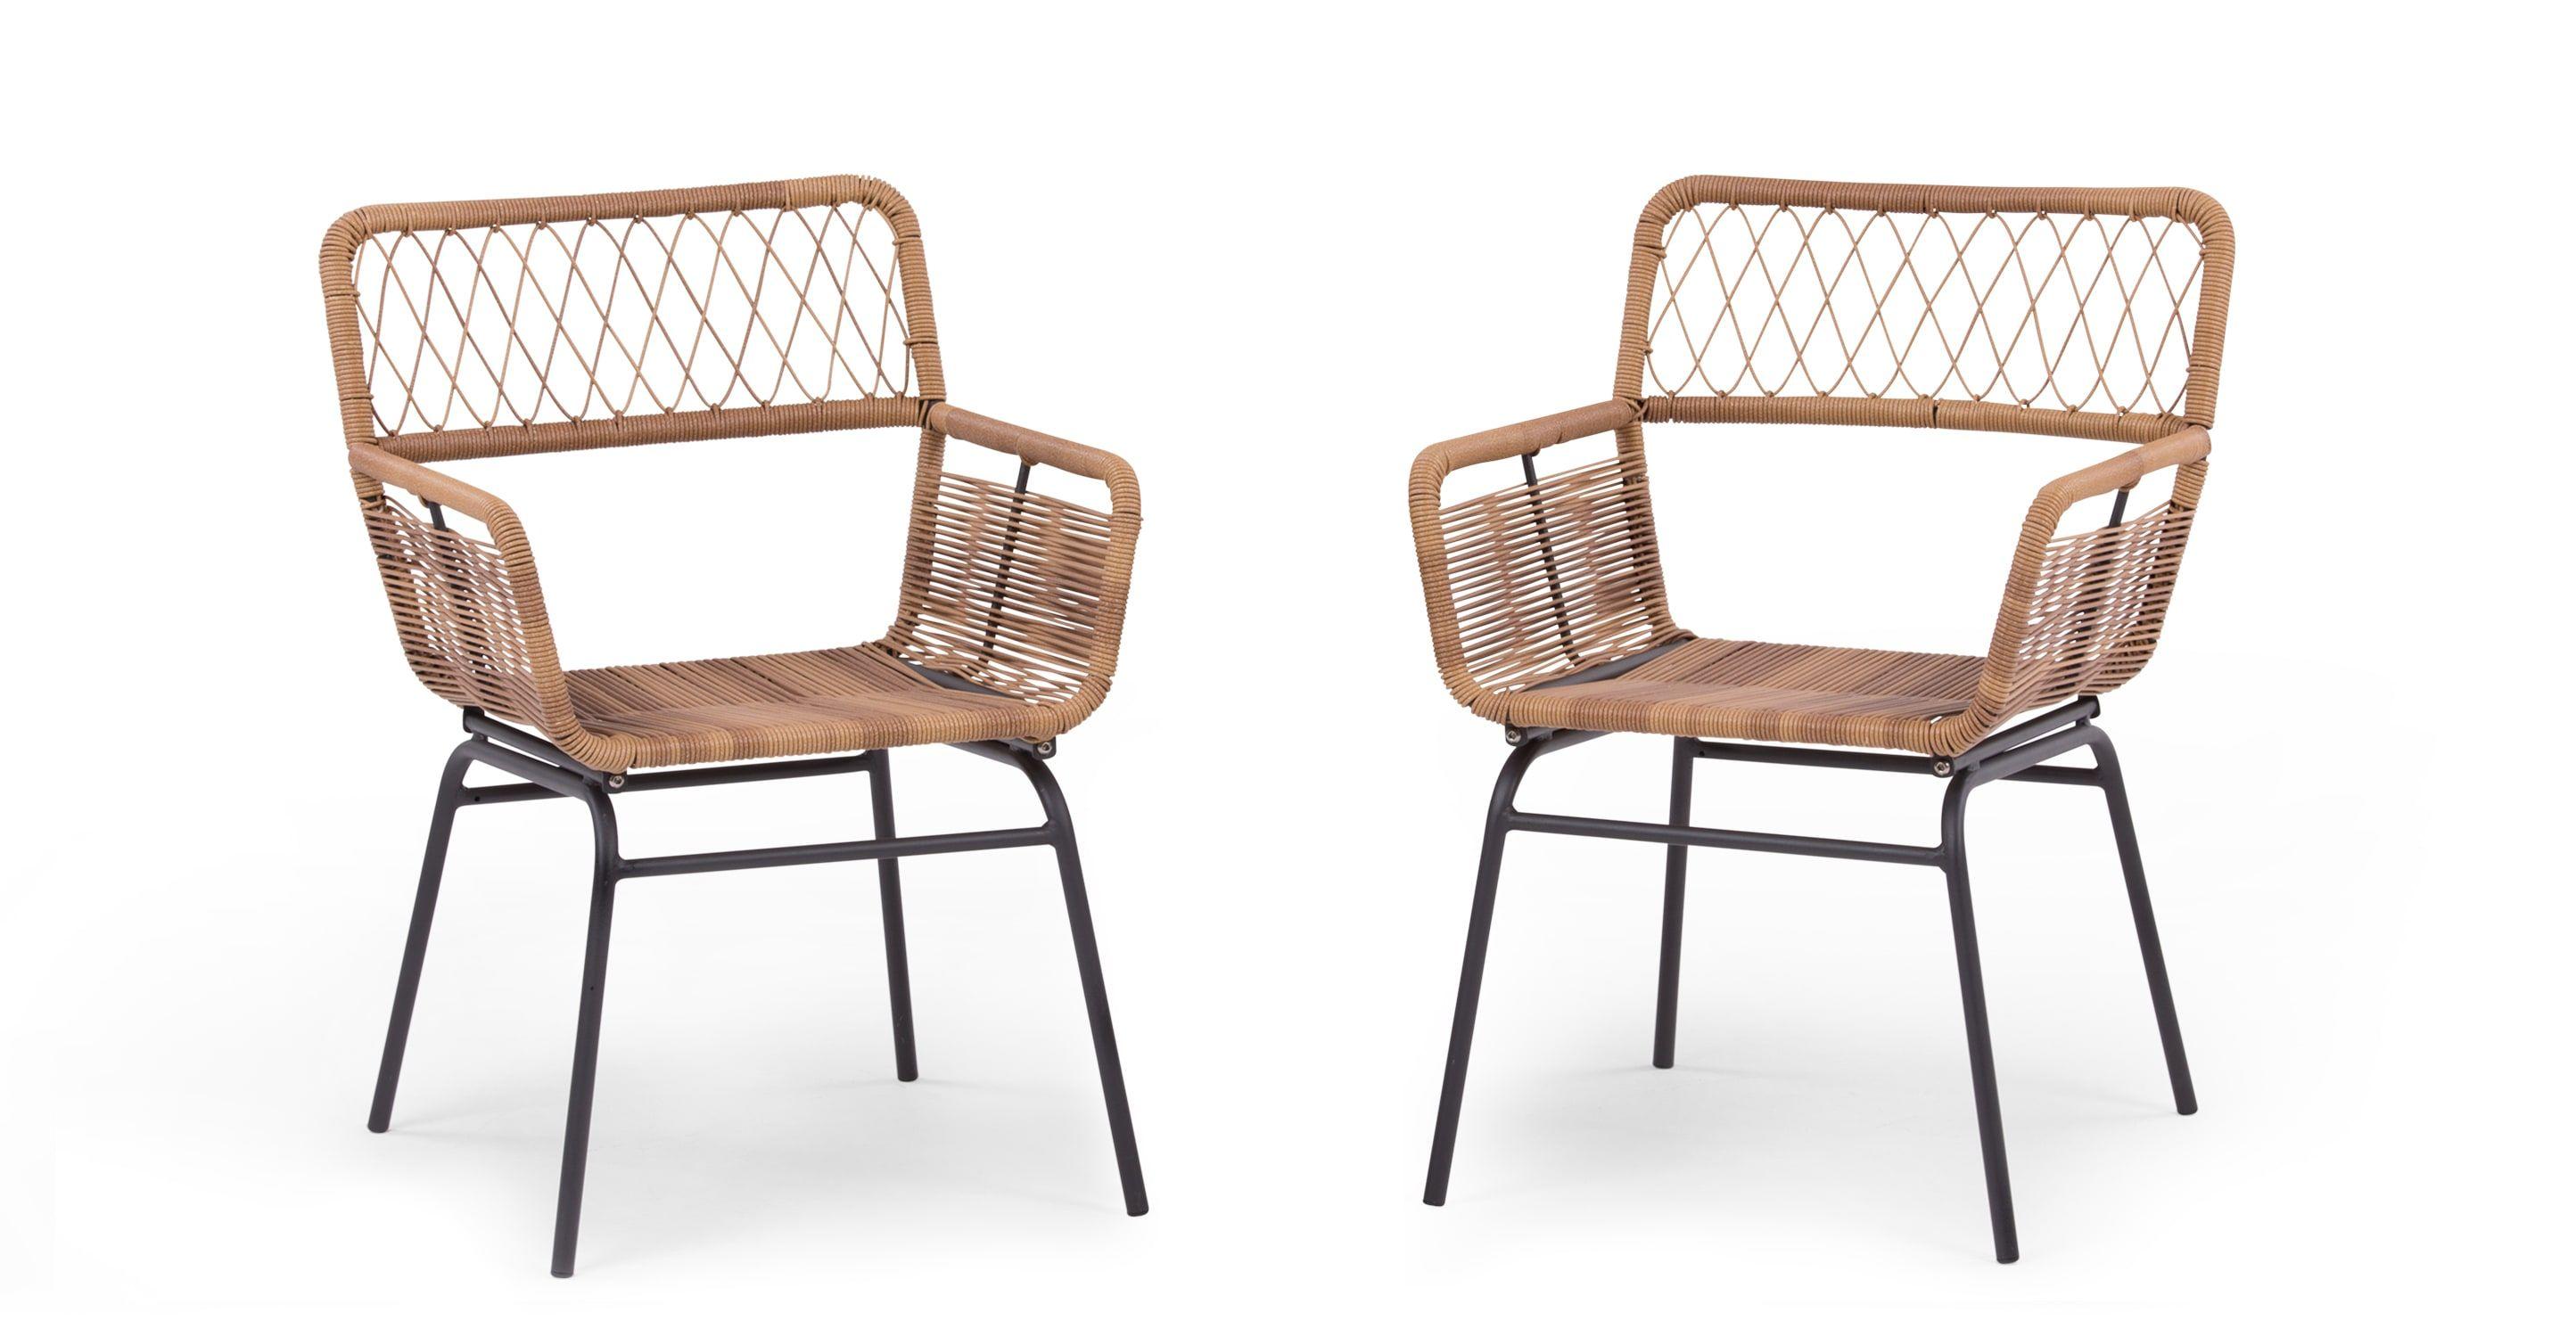 Gartenstühle  Lyra 2 x Gartenstühle, Anthrazit | Dining chair set, Outdoor ...